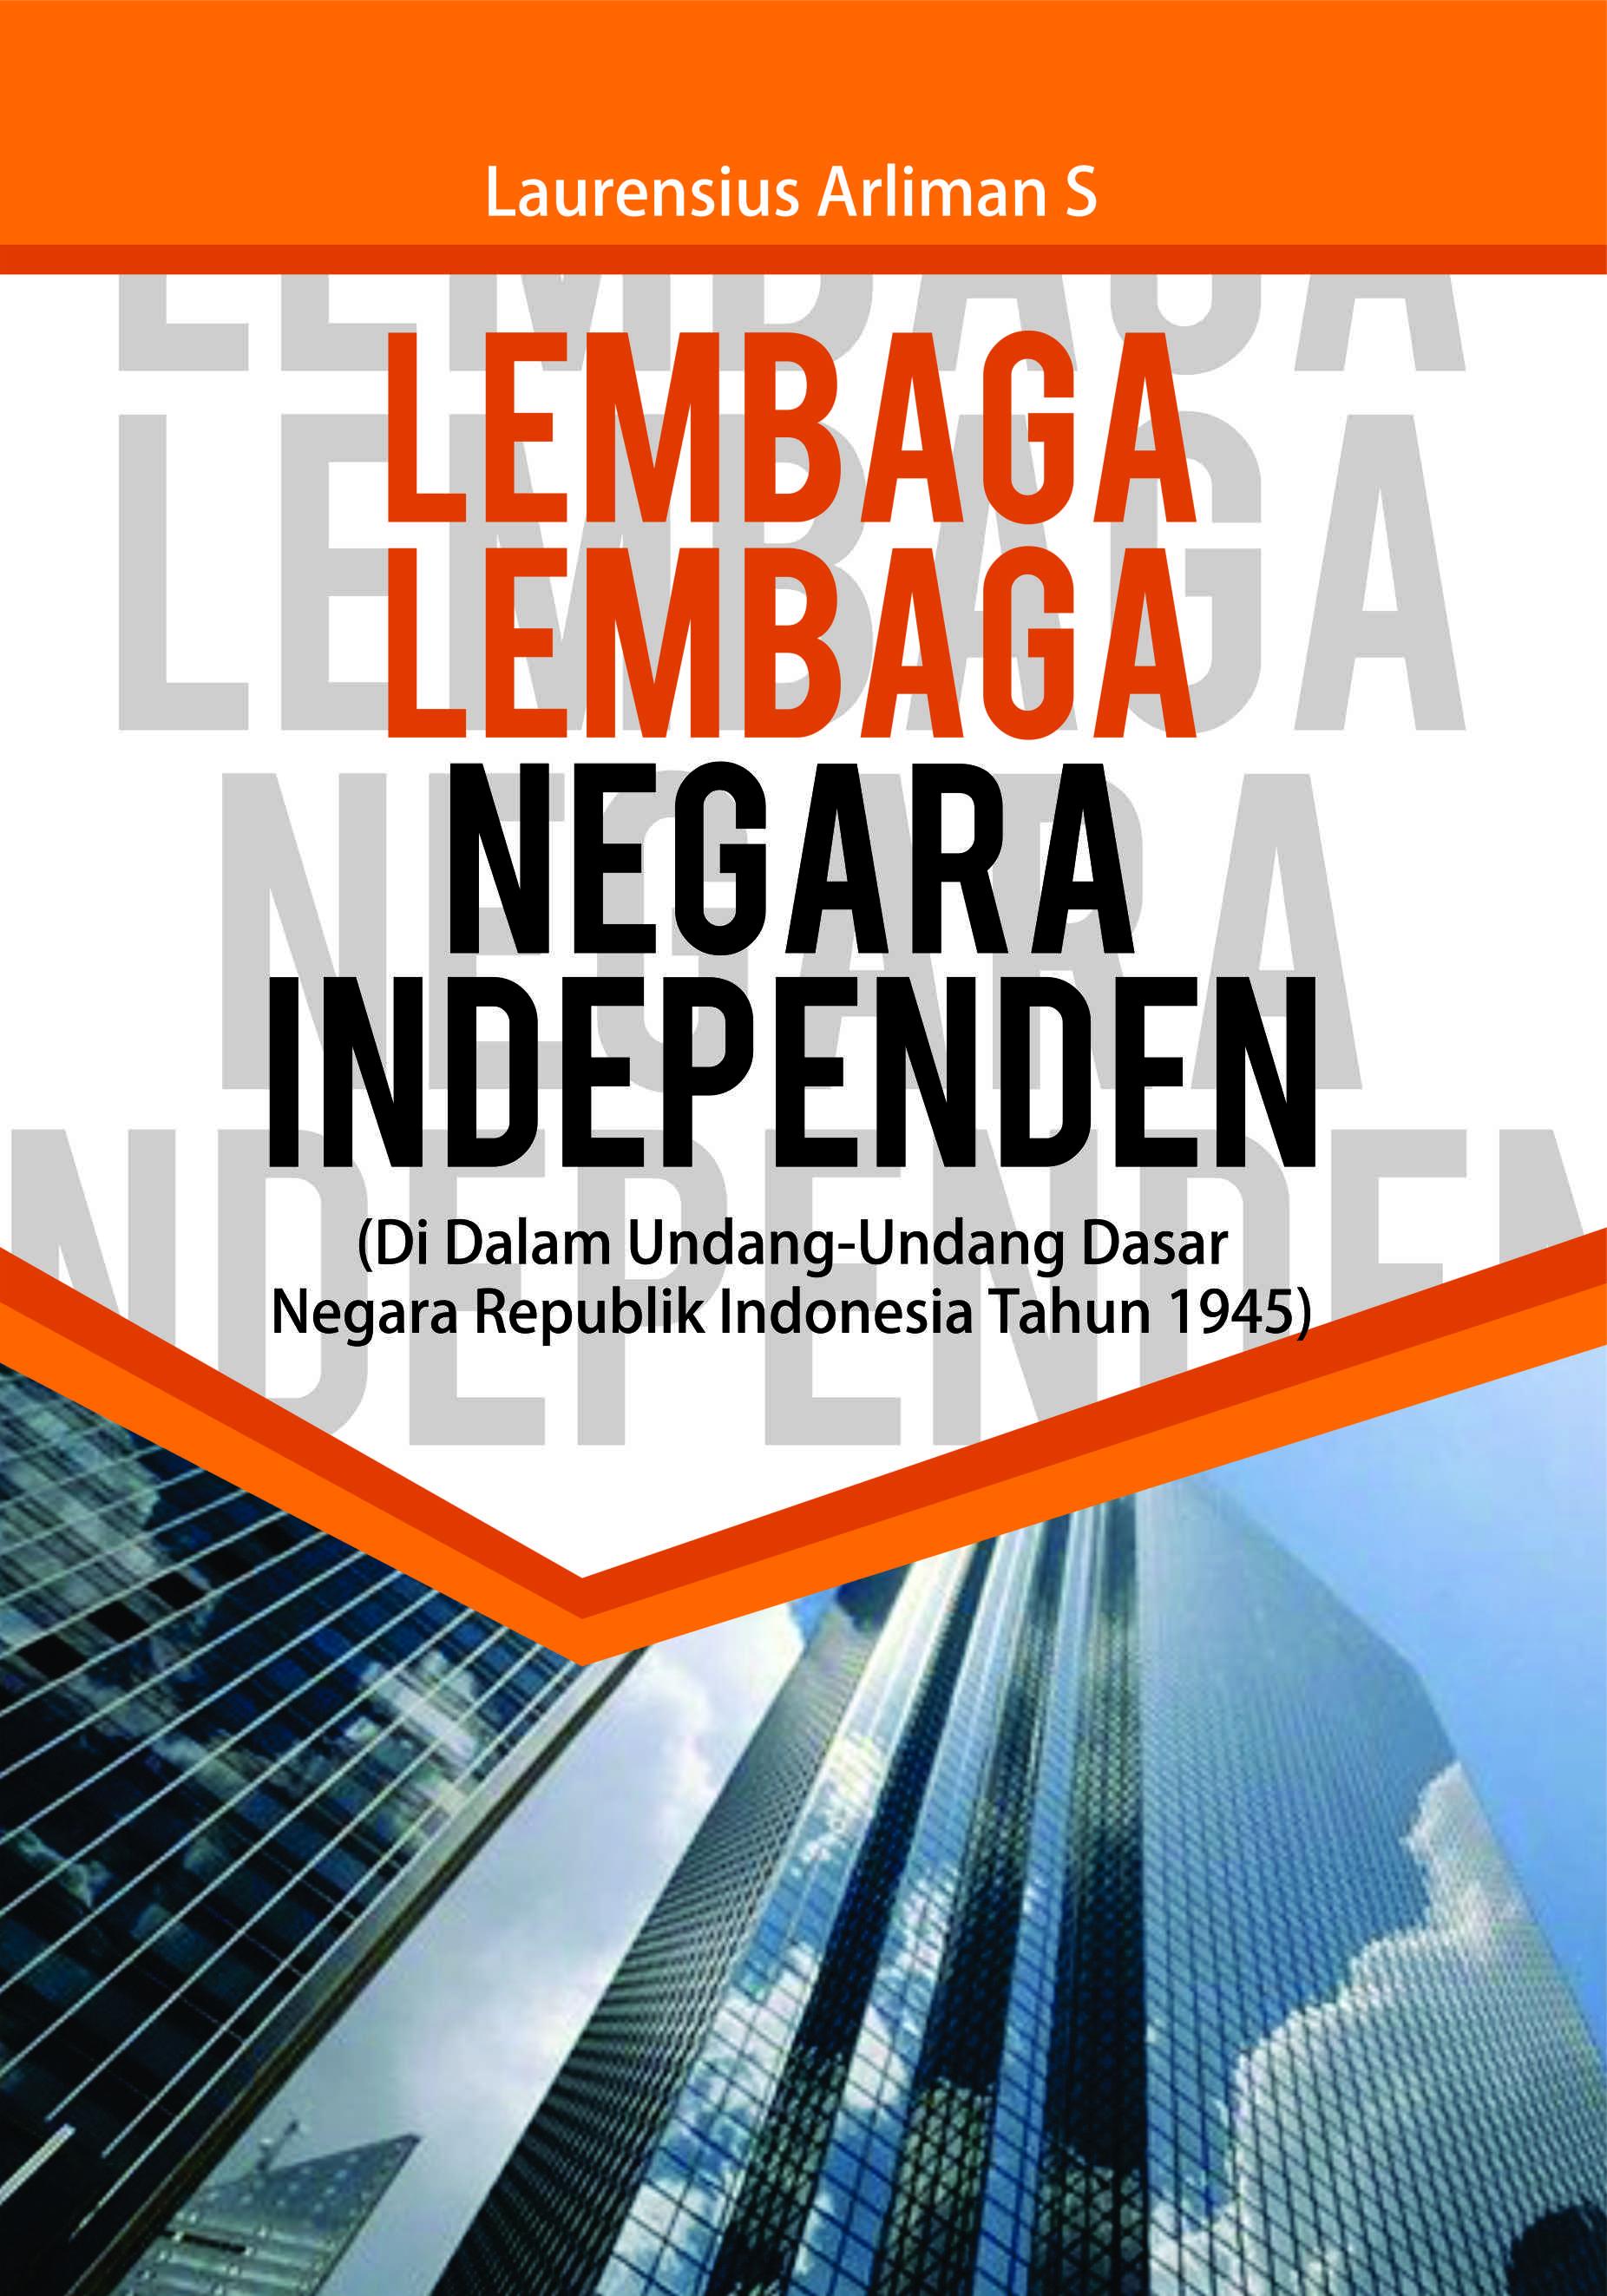 Lembaga-lembaga negara independen di dalam Undang-undang Dasar Negara Republik Indonesia tahun 1945 [sumber elektronis]